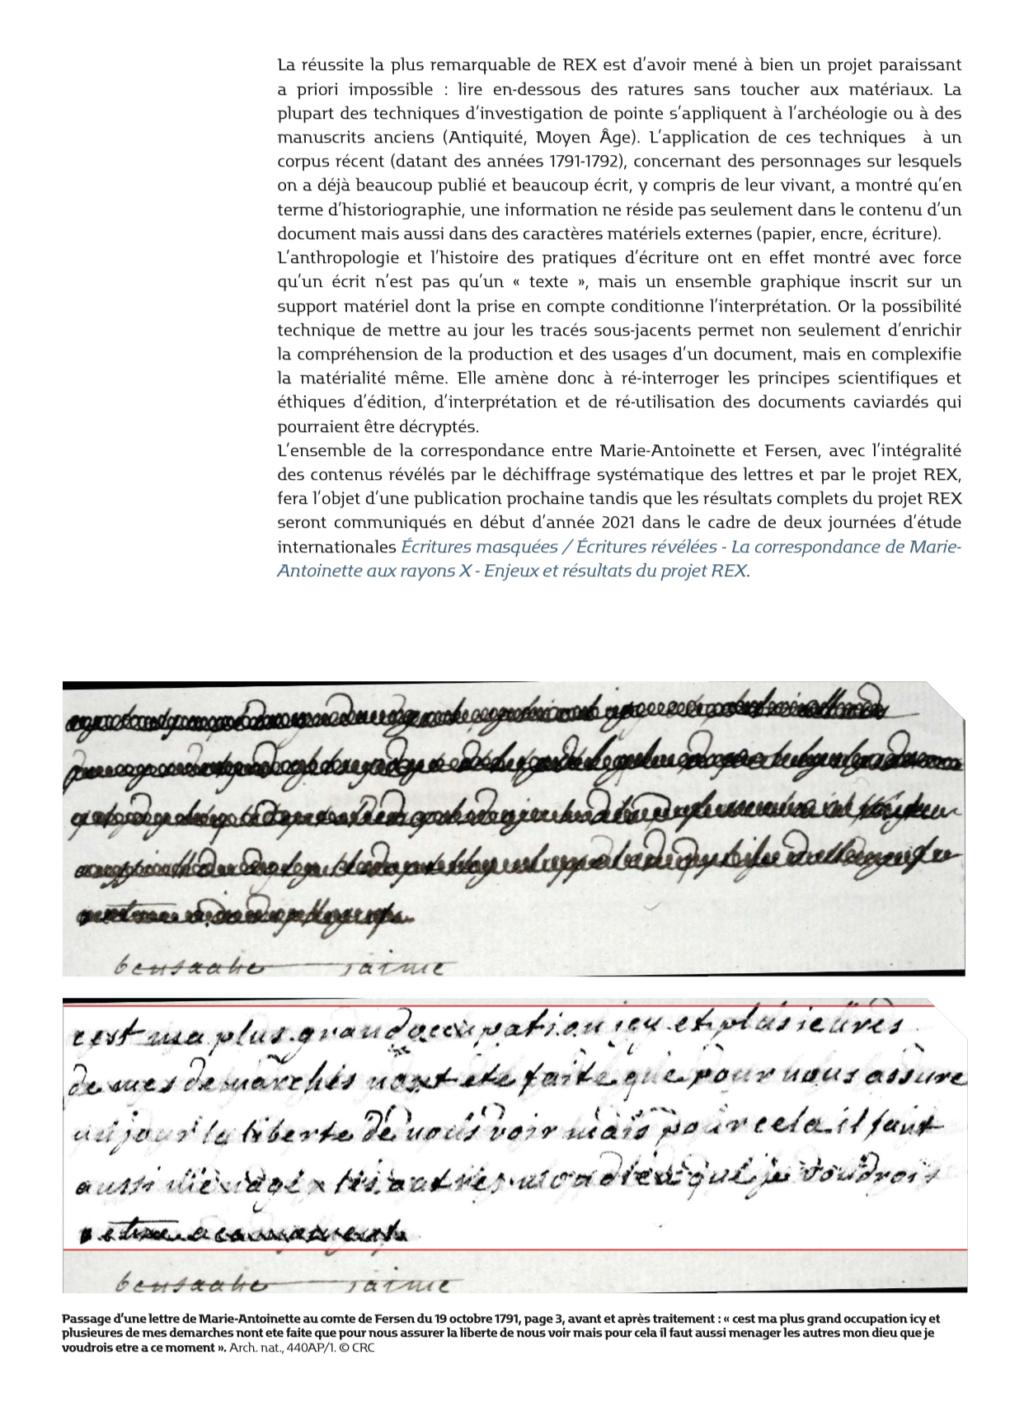 Nouveaux résultats du décaviardage de la correspondance de Marie-Antoinette et Fersen (Archives nationales) - Page 4 2c6a8610